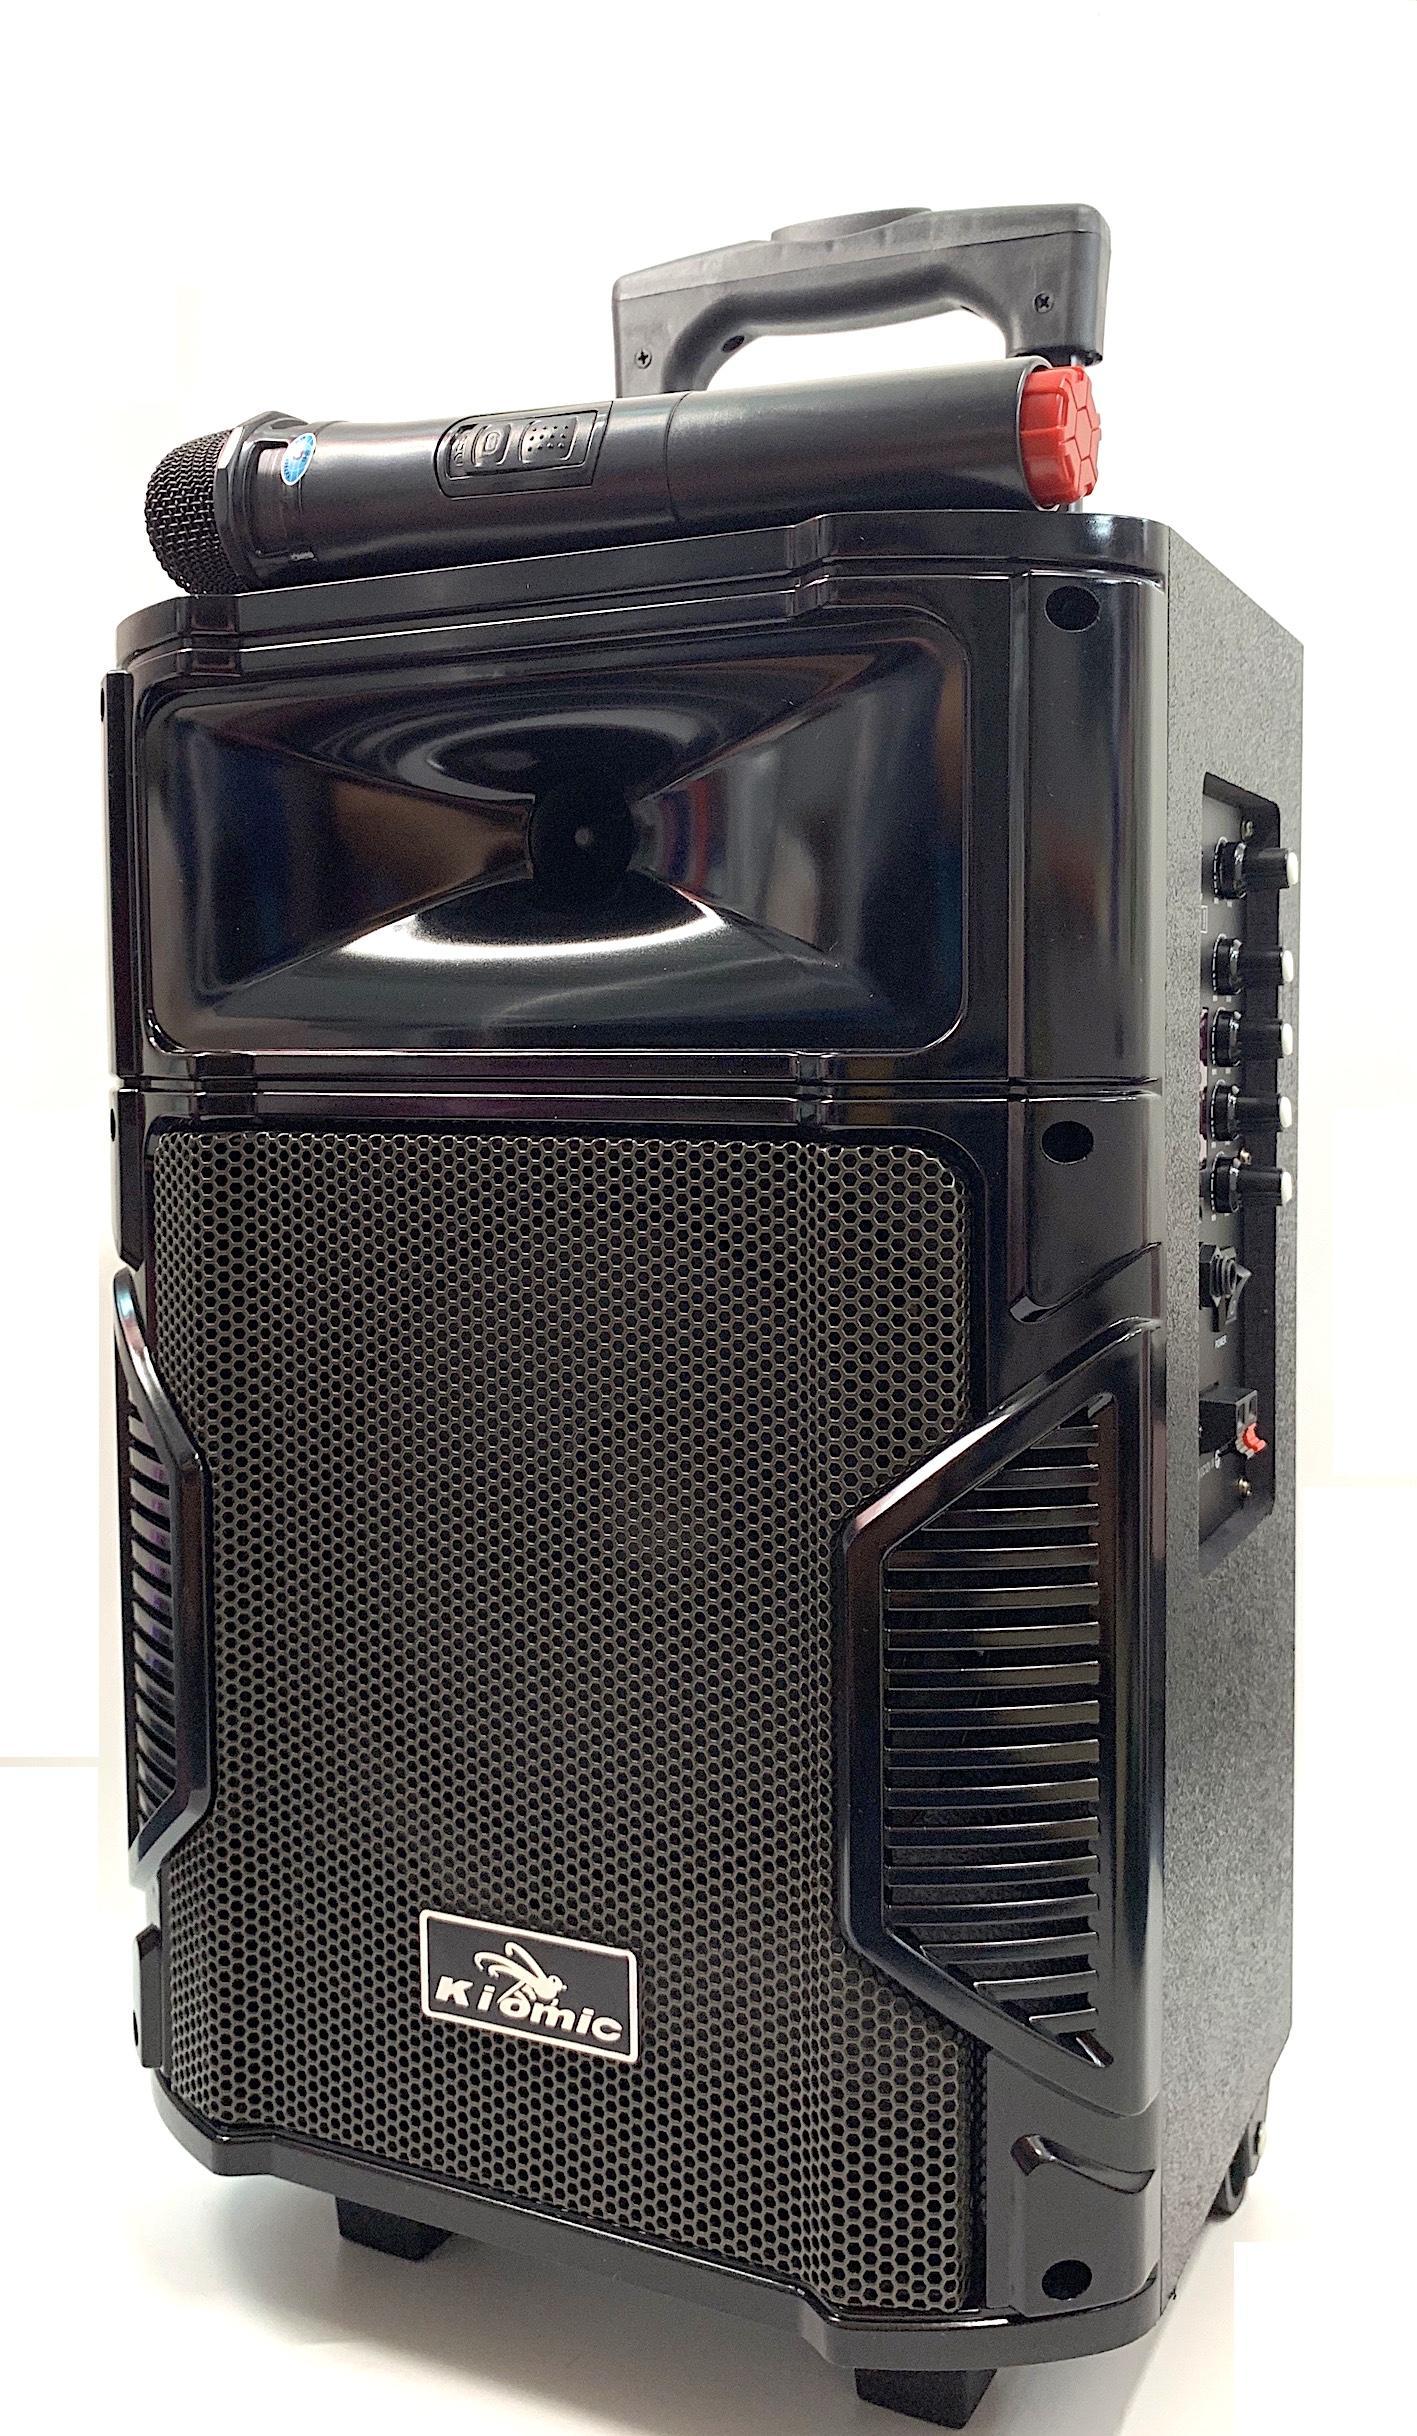 [HCM]Loa Karaoke Bluetooth Di Động Vali Kéo Kiomic K108 Thùng Gỗ (Tặng Kèm 1 Micro Không Dây Hát Cực Hay)